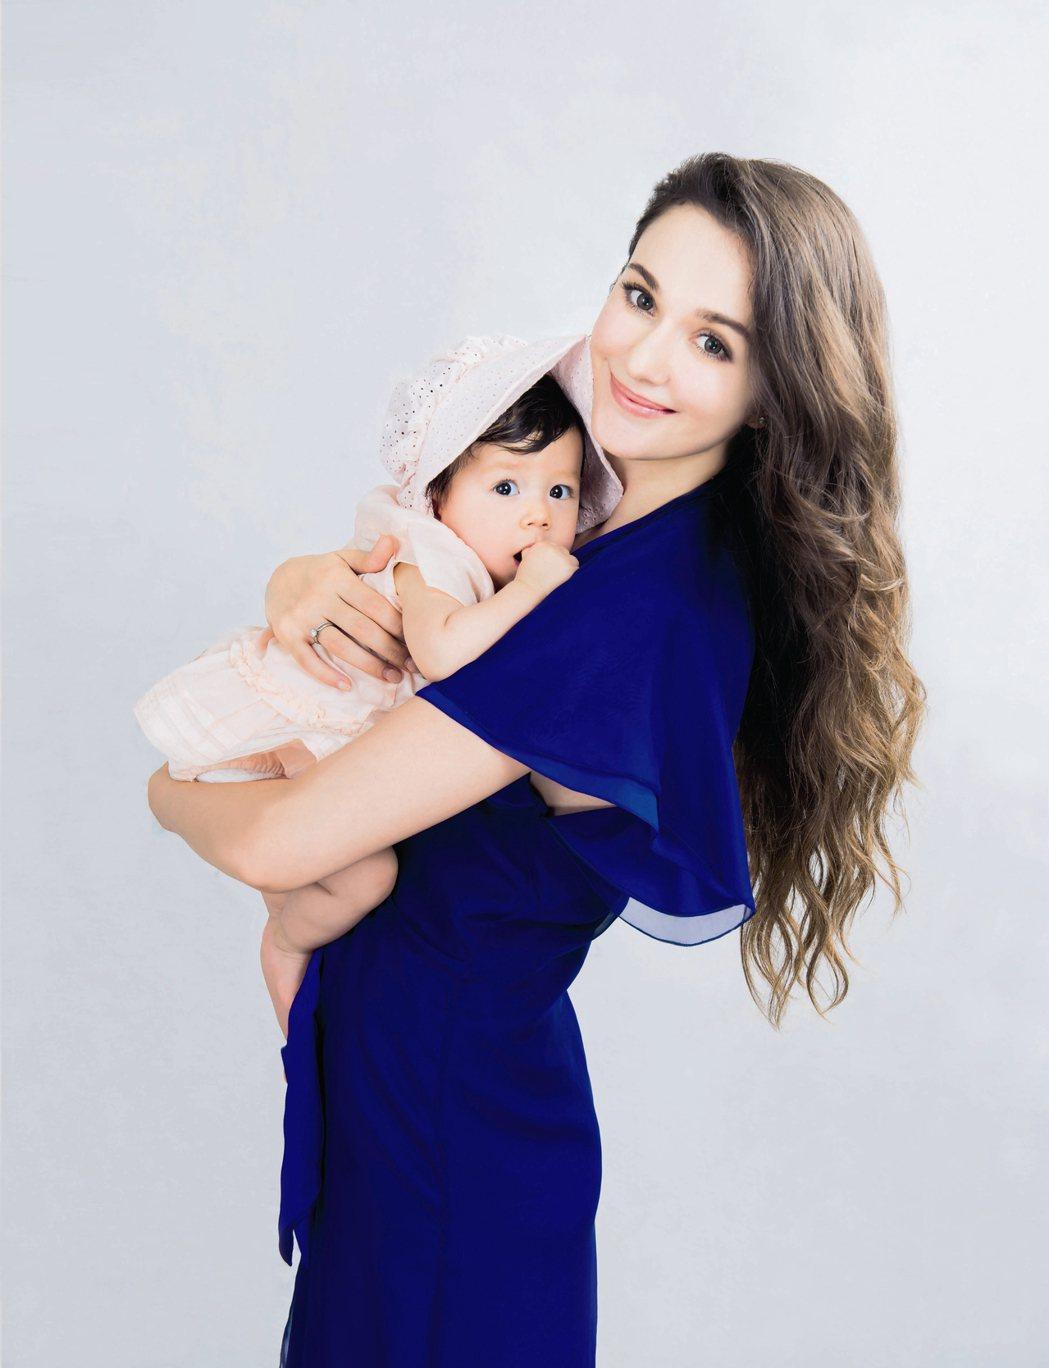 瑞莎帶女兒拍攝雜誌,紀念成為母女一周年。圖/嬰兒與母親雜誌提供